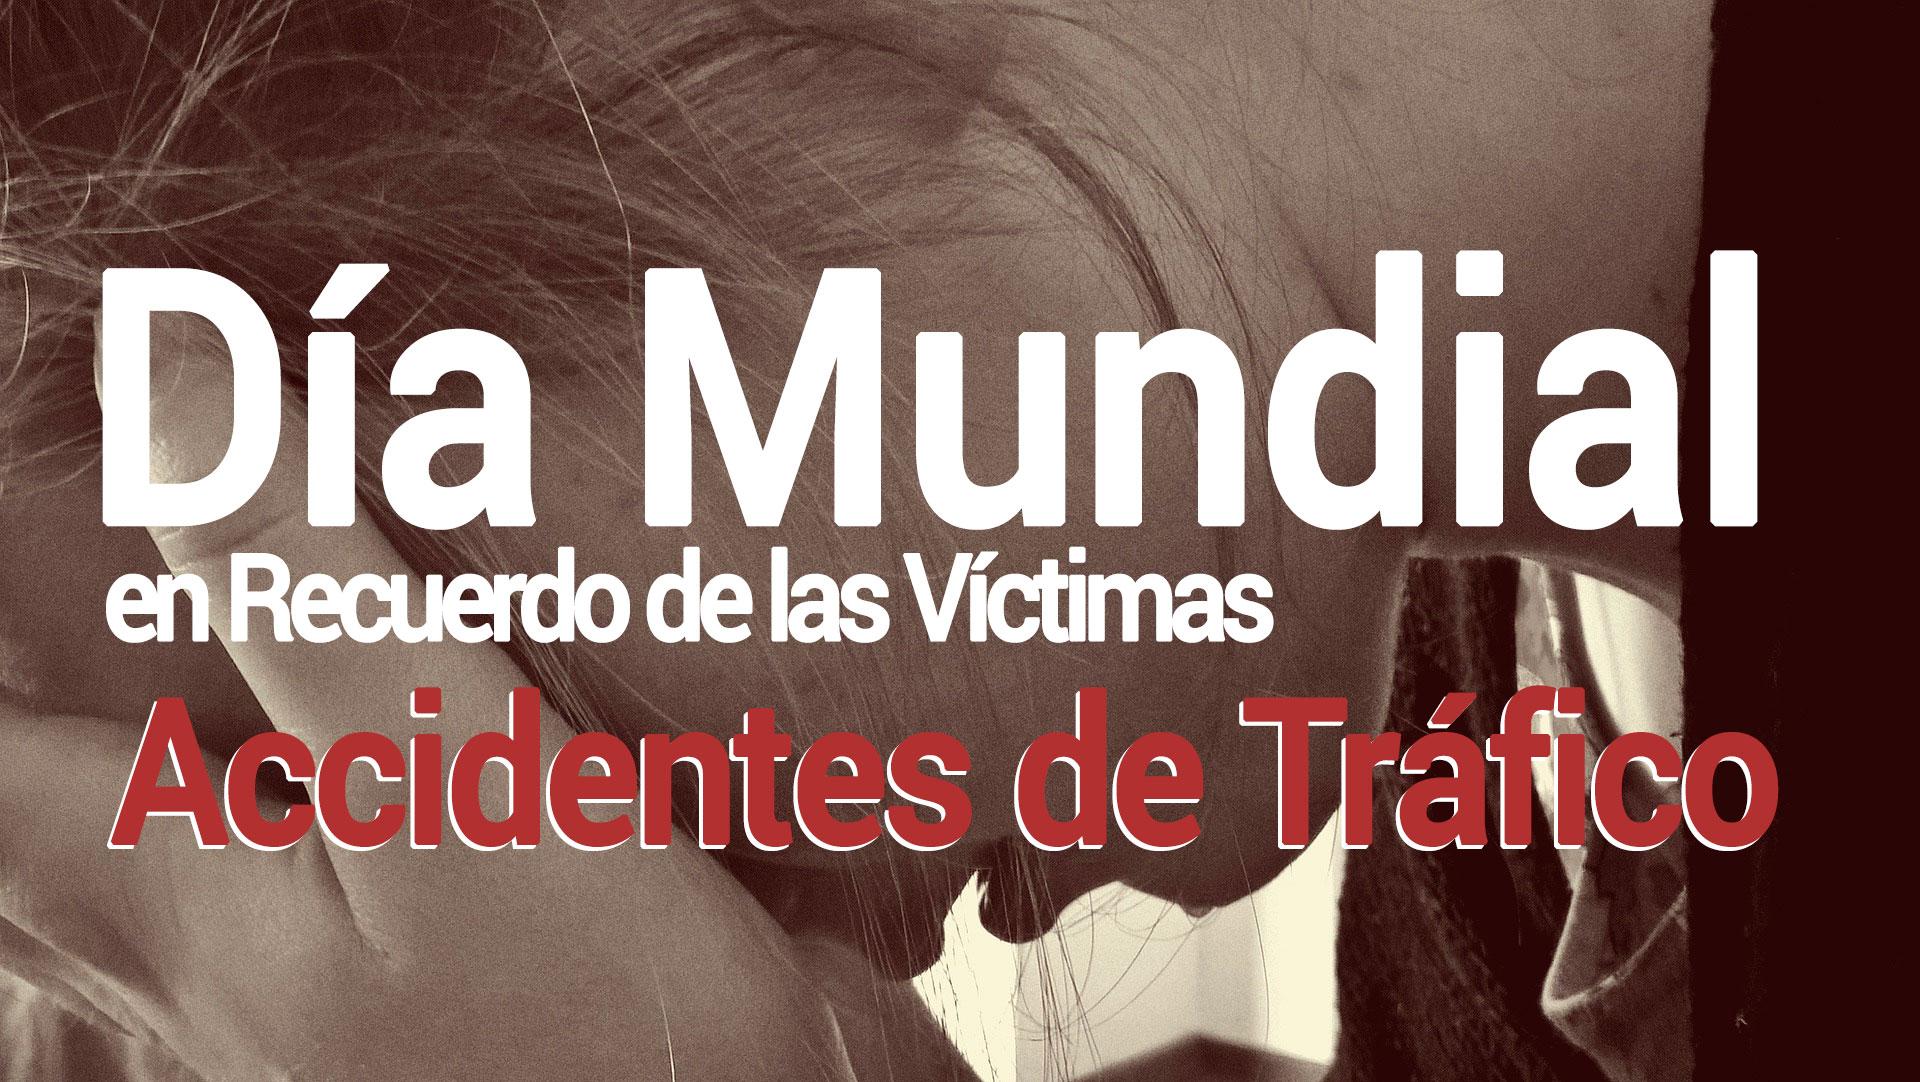 dia-mundial-victimas-accidentes-trafico Día Mundial de Víctimas en Accidentes de Tráfico